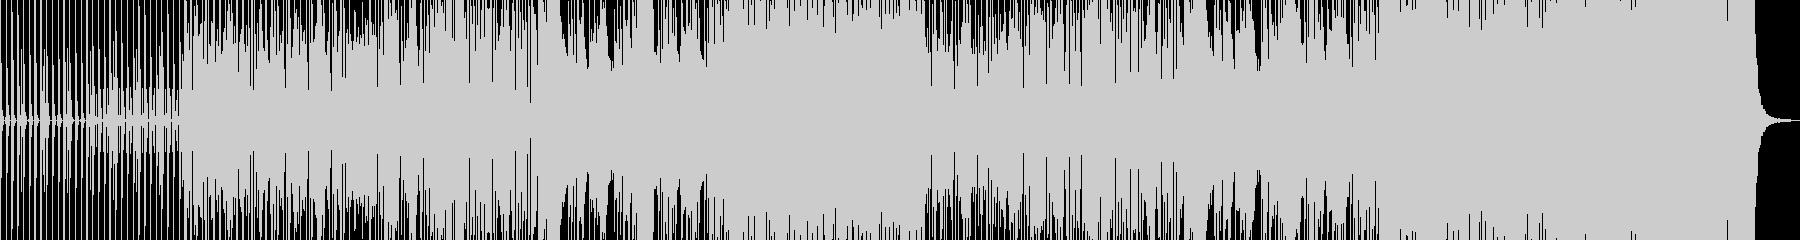 フューチャーでレトロでダンサブルの未再生の波形